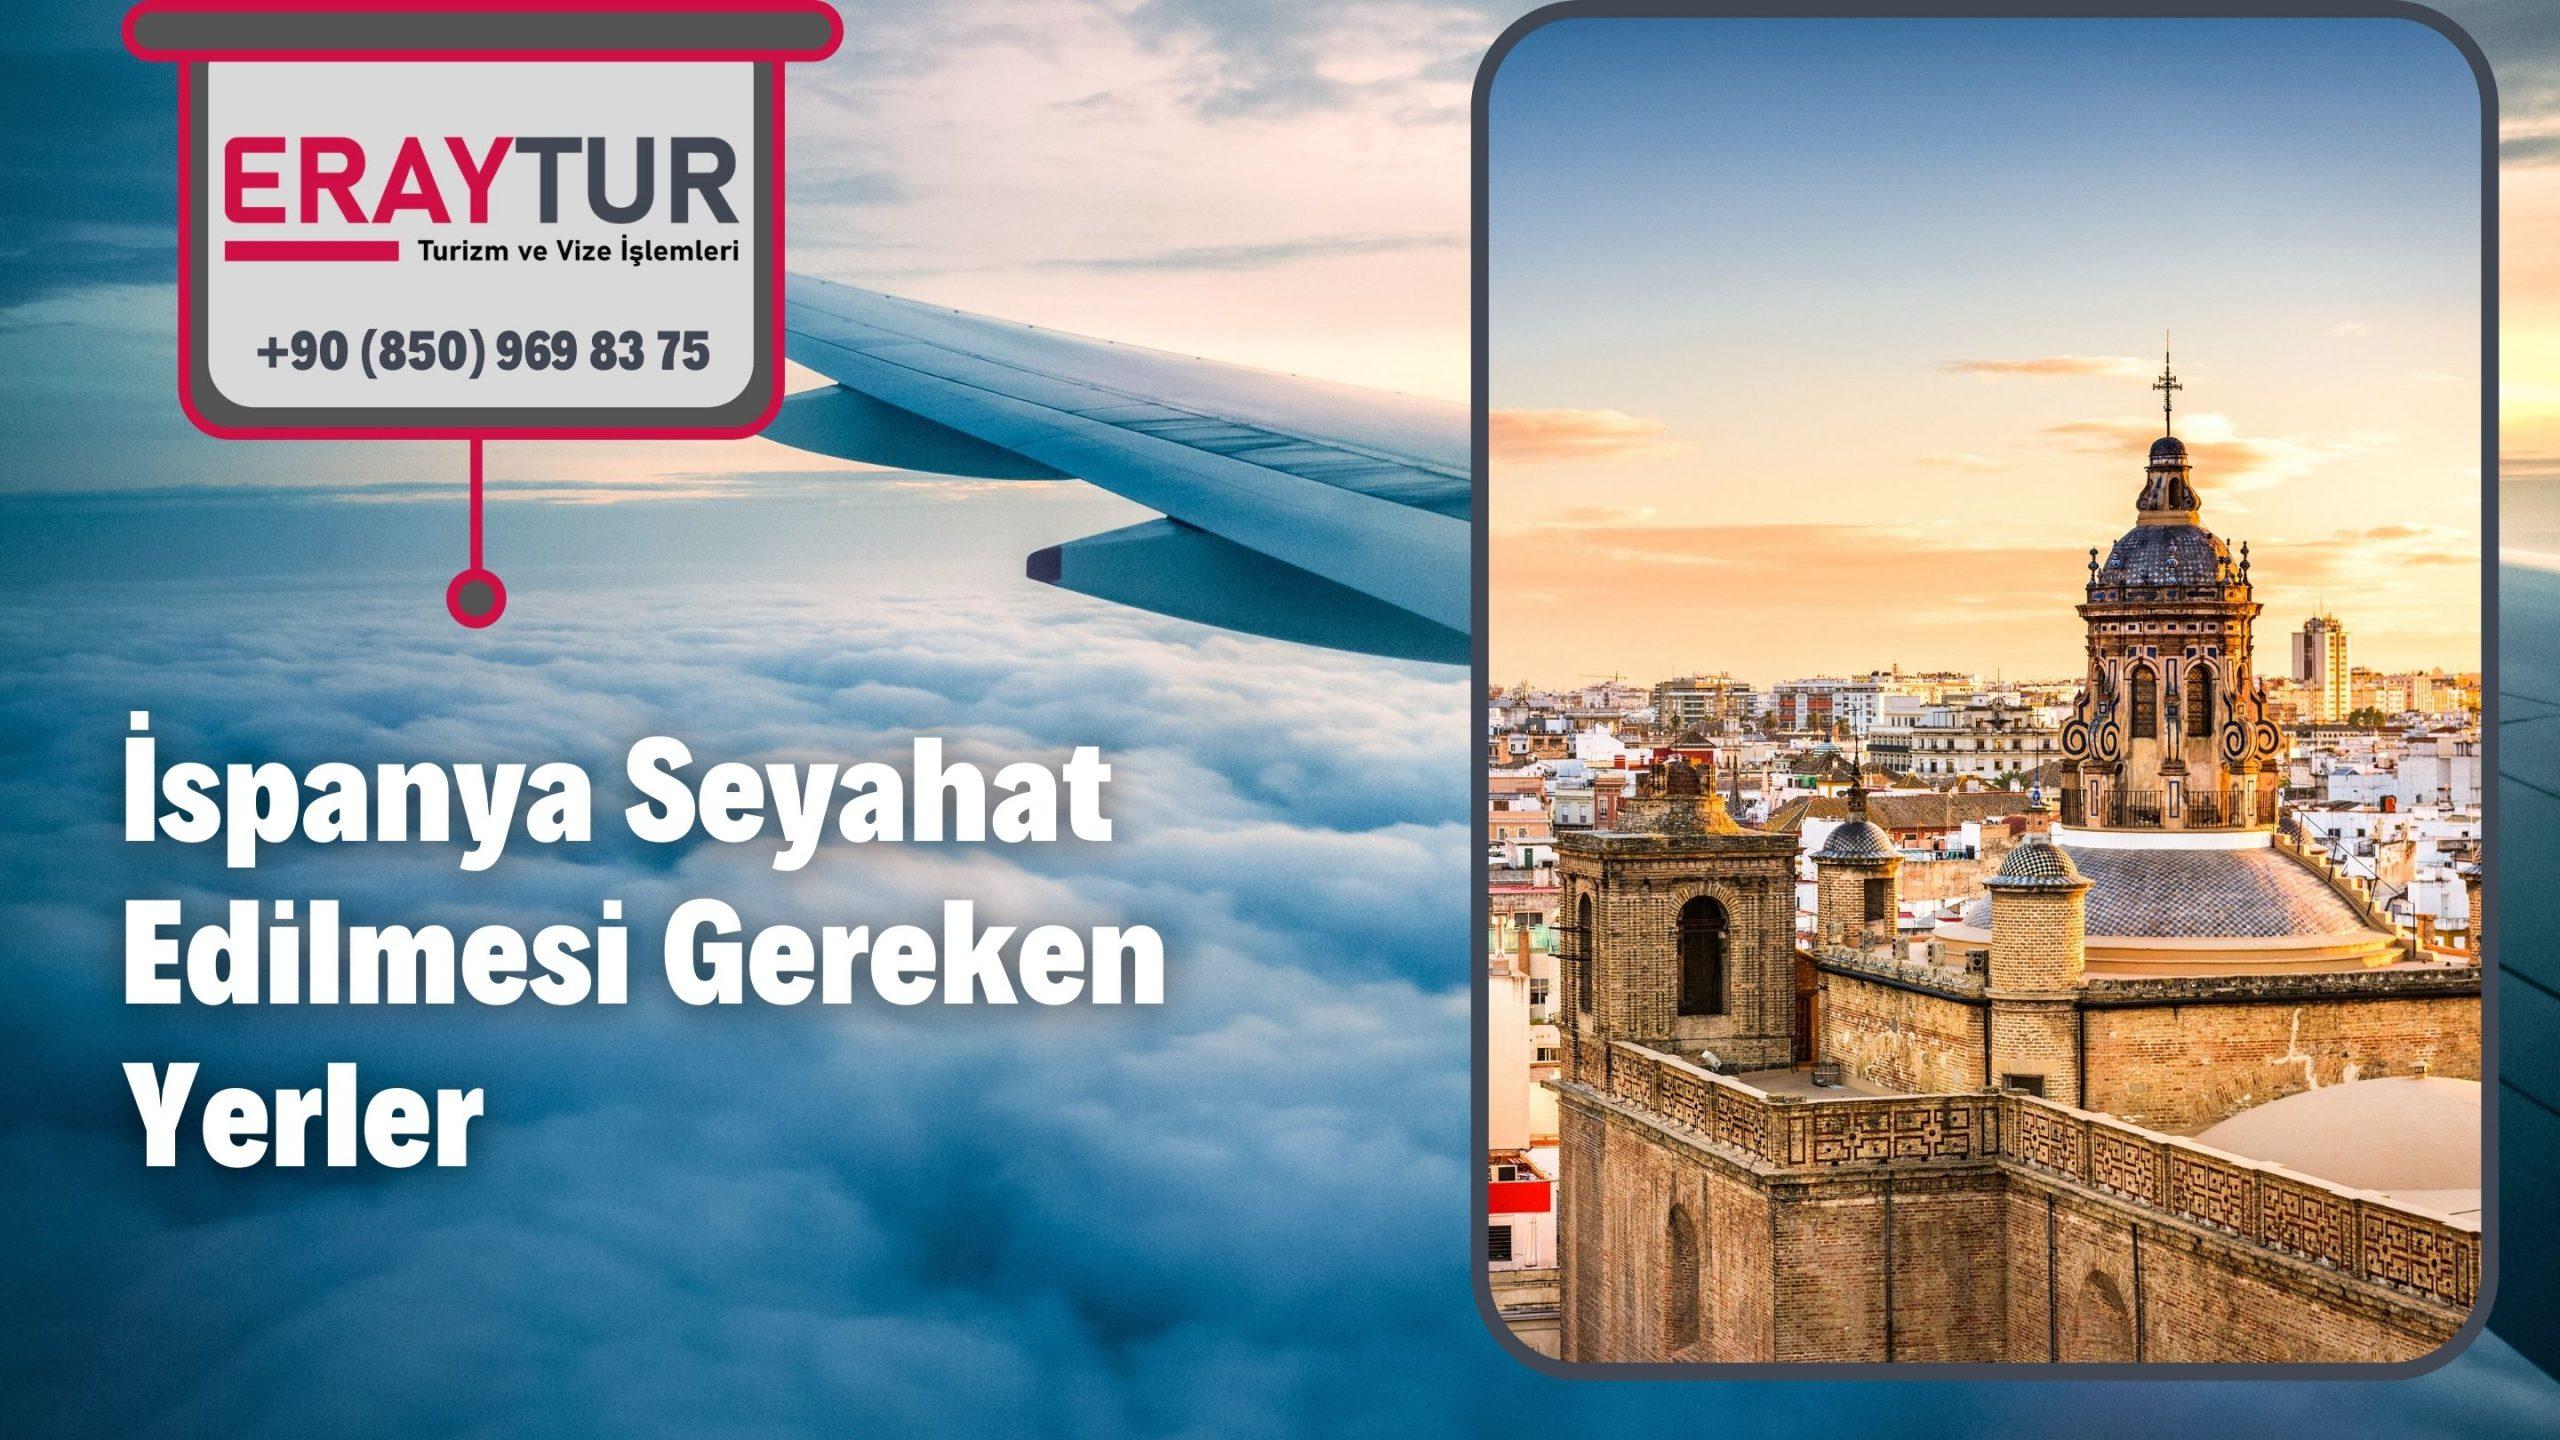 İspanya Seyahat Edilmesi Gereken Yerler